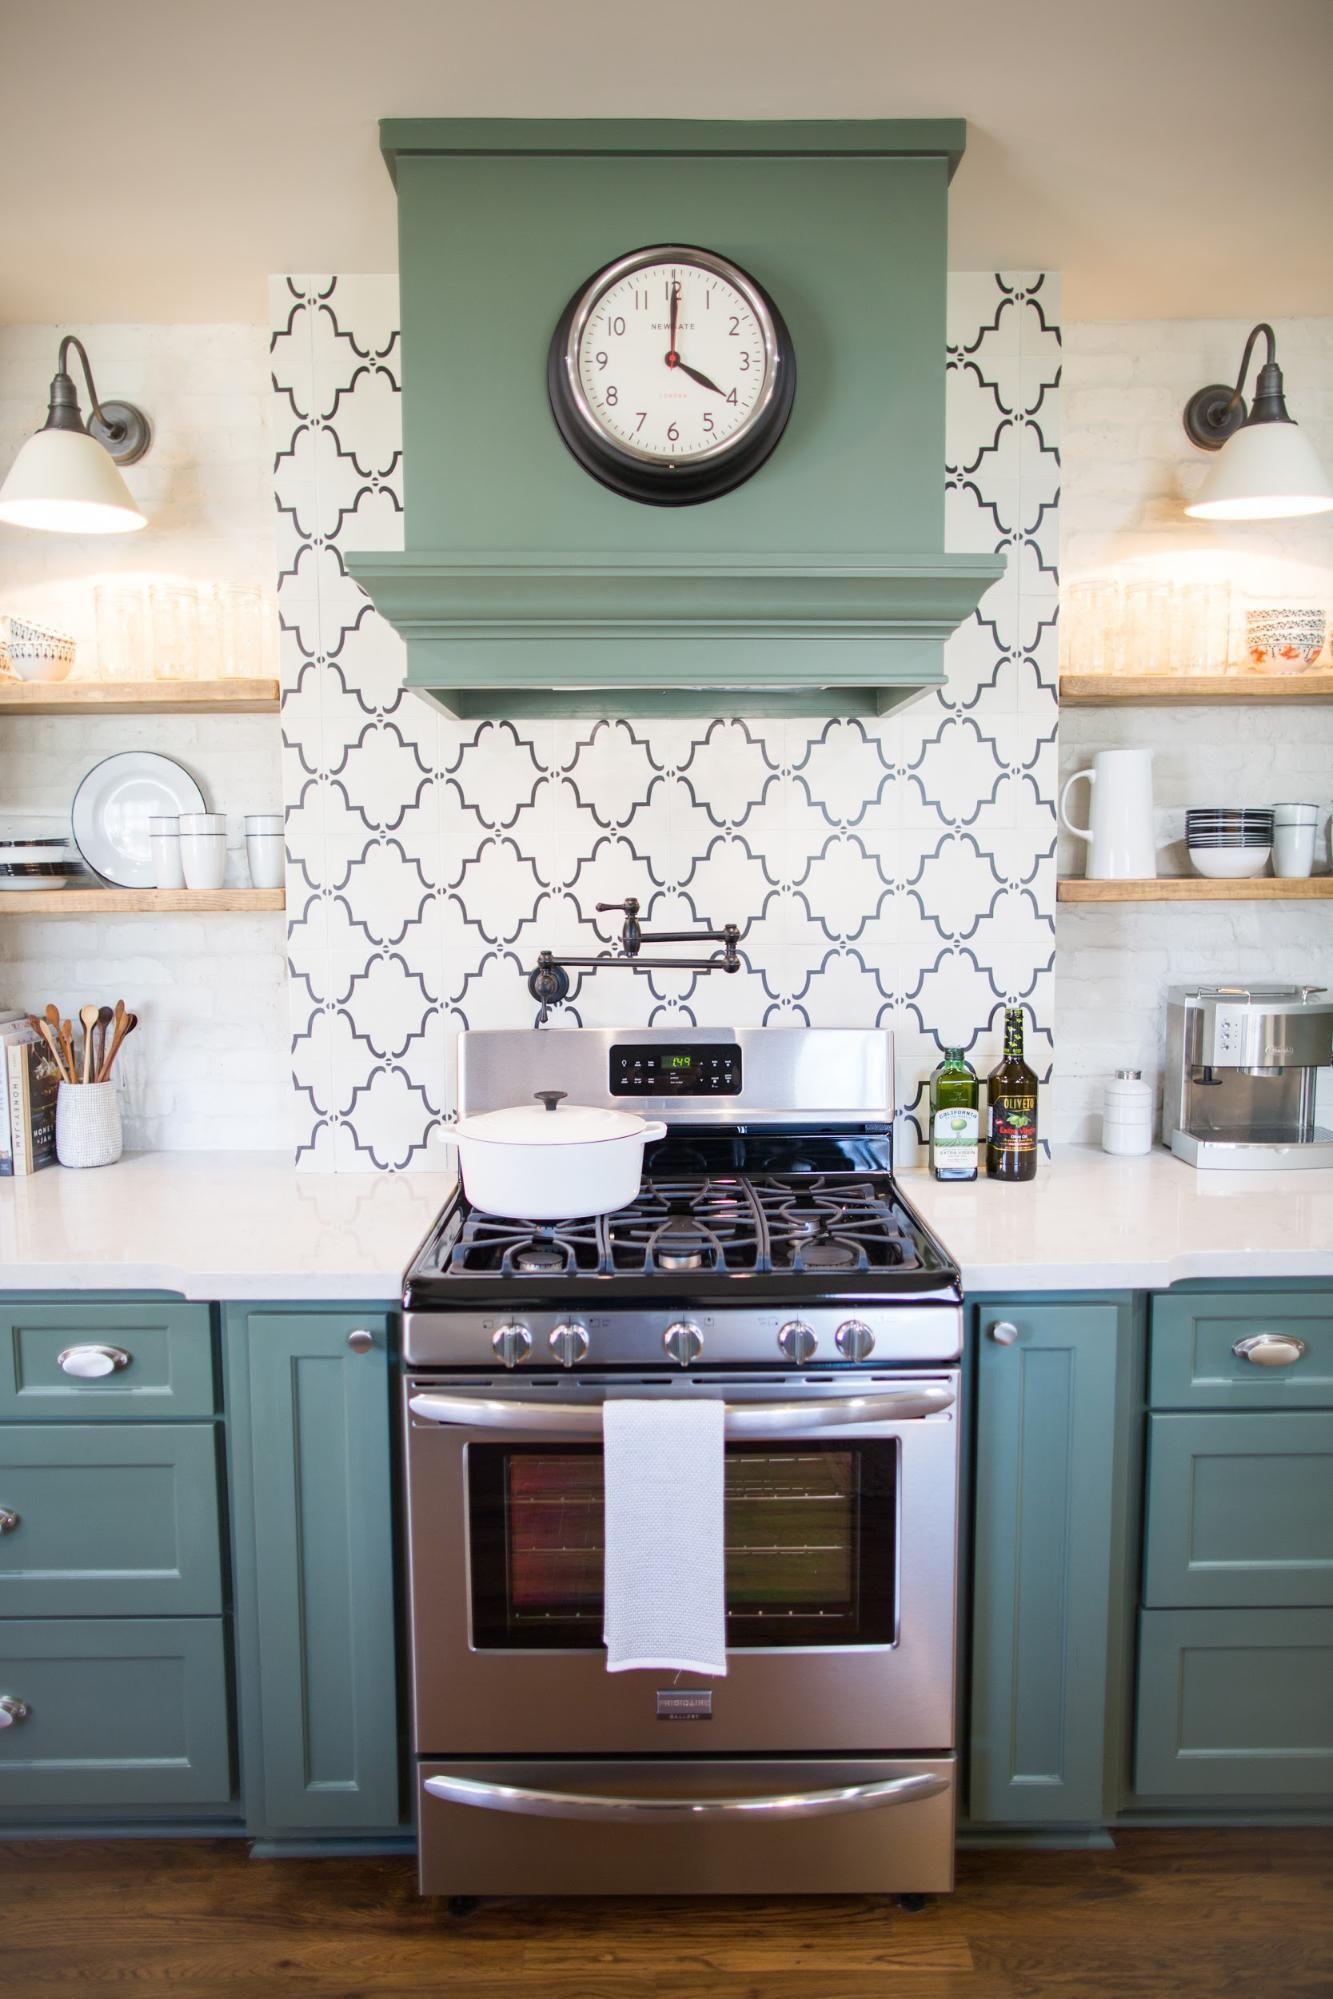 We did a patterned tile backsplash to define the kitchens main we did a patterned tile backsplash to define the kitchens main spaces and to dailygadgetfo Gallery